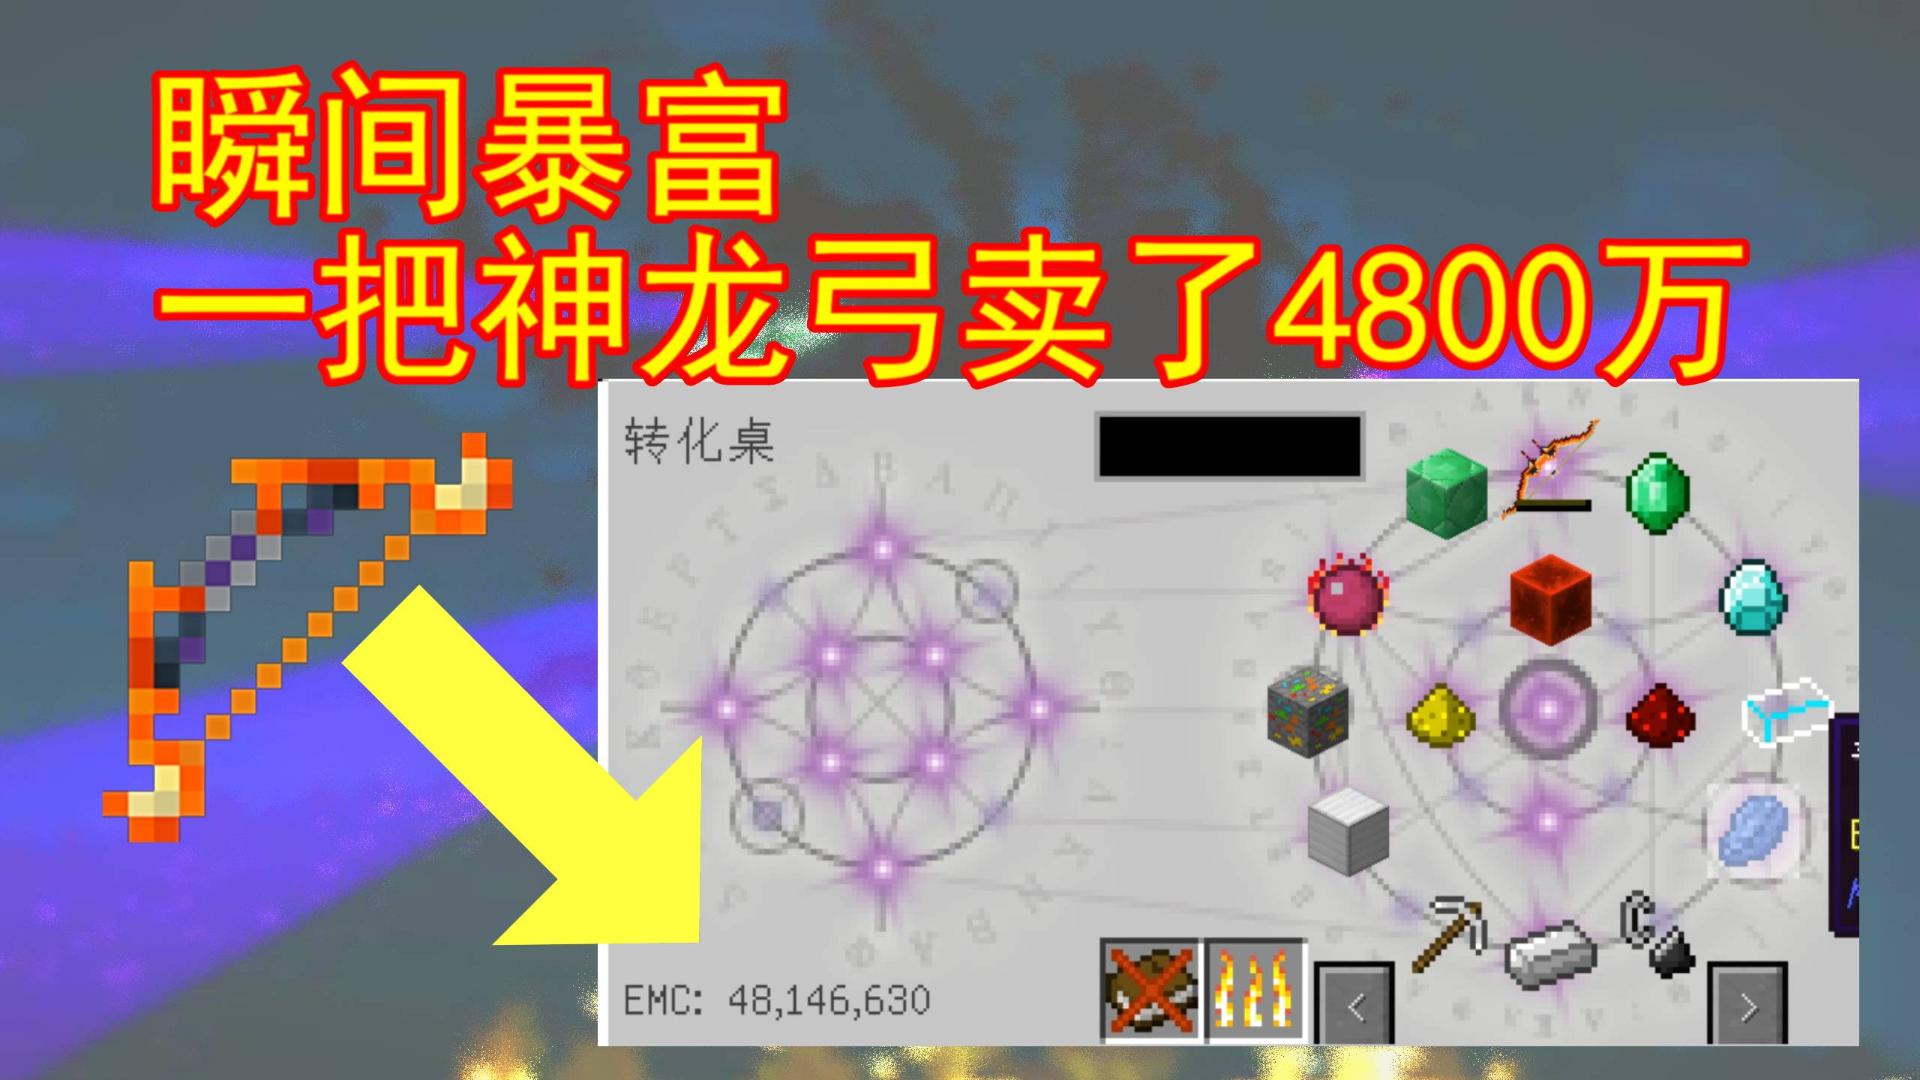 我的世界泰坦生存3:一把神龙弓卖出4800万,瞬间暴富!